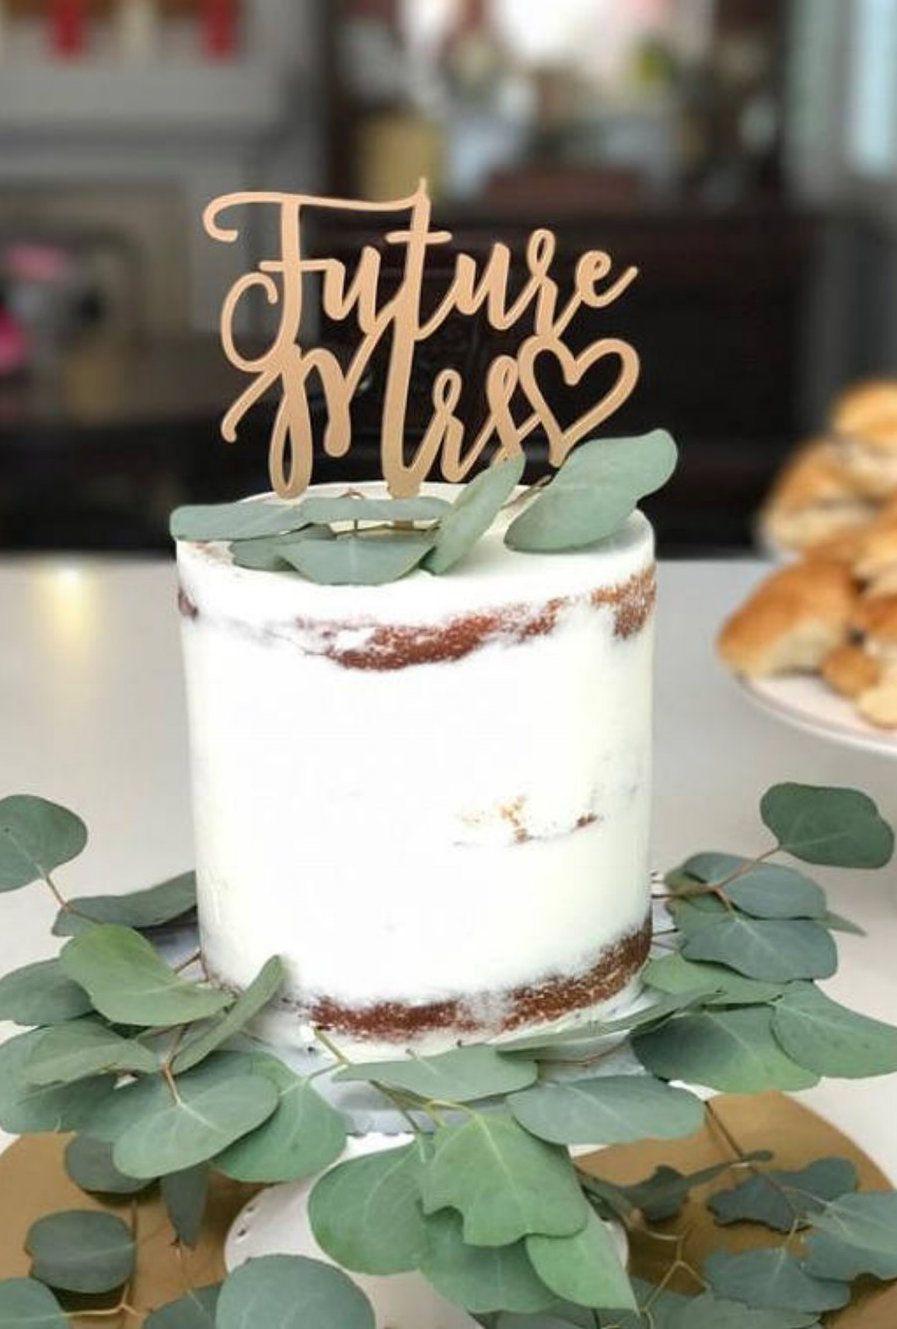 Nessa festa de noivado, o bolo espatulado foi o escolhido para celebrar a união do casal